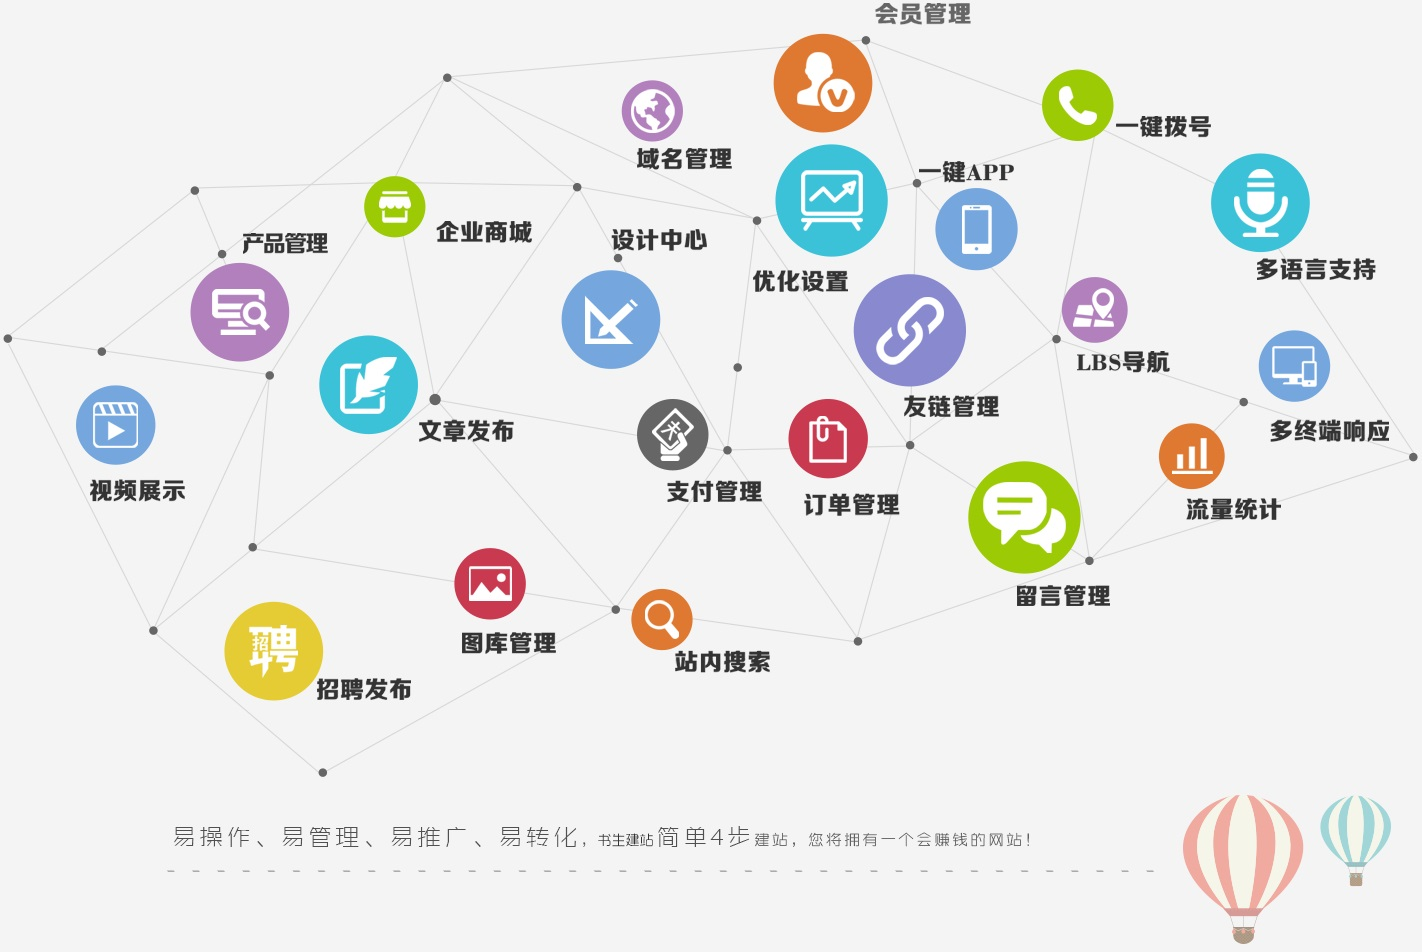 自助网站建设平台-利用网站建设平台-网站建设平台有